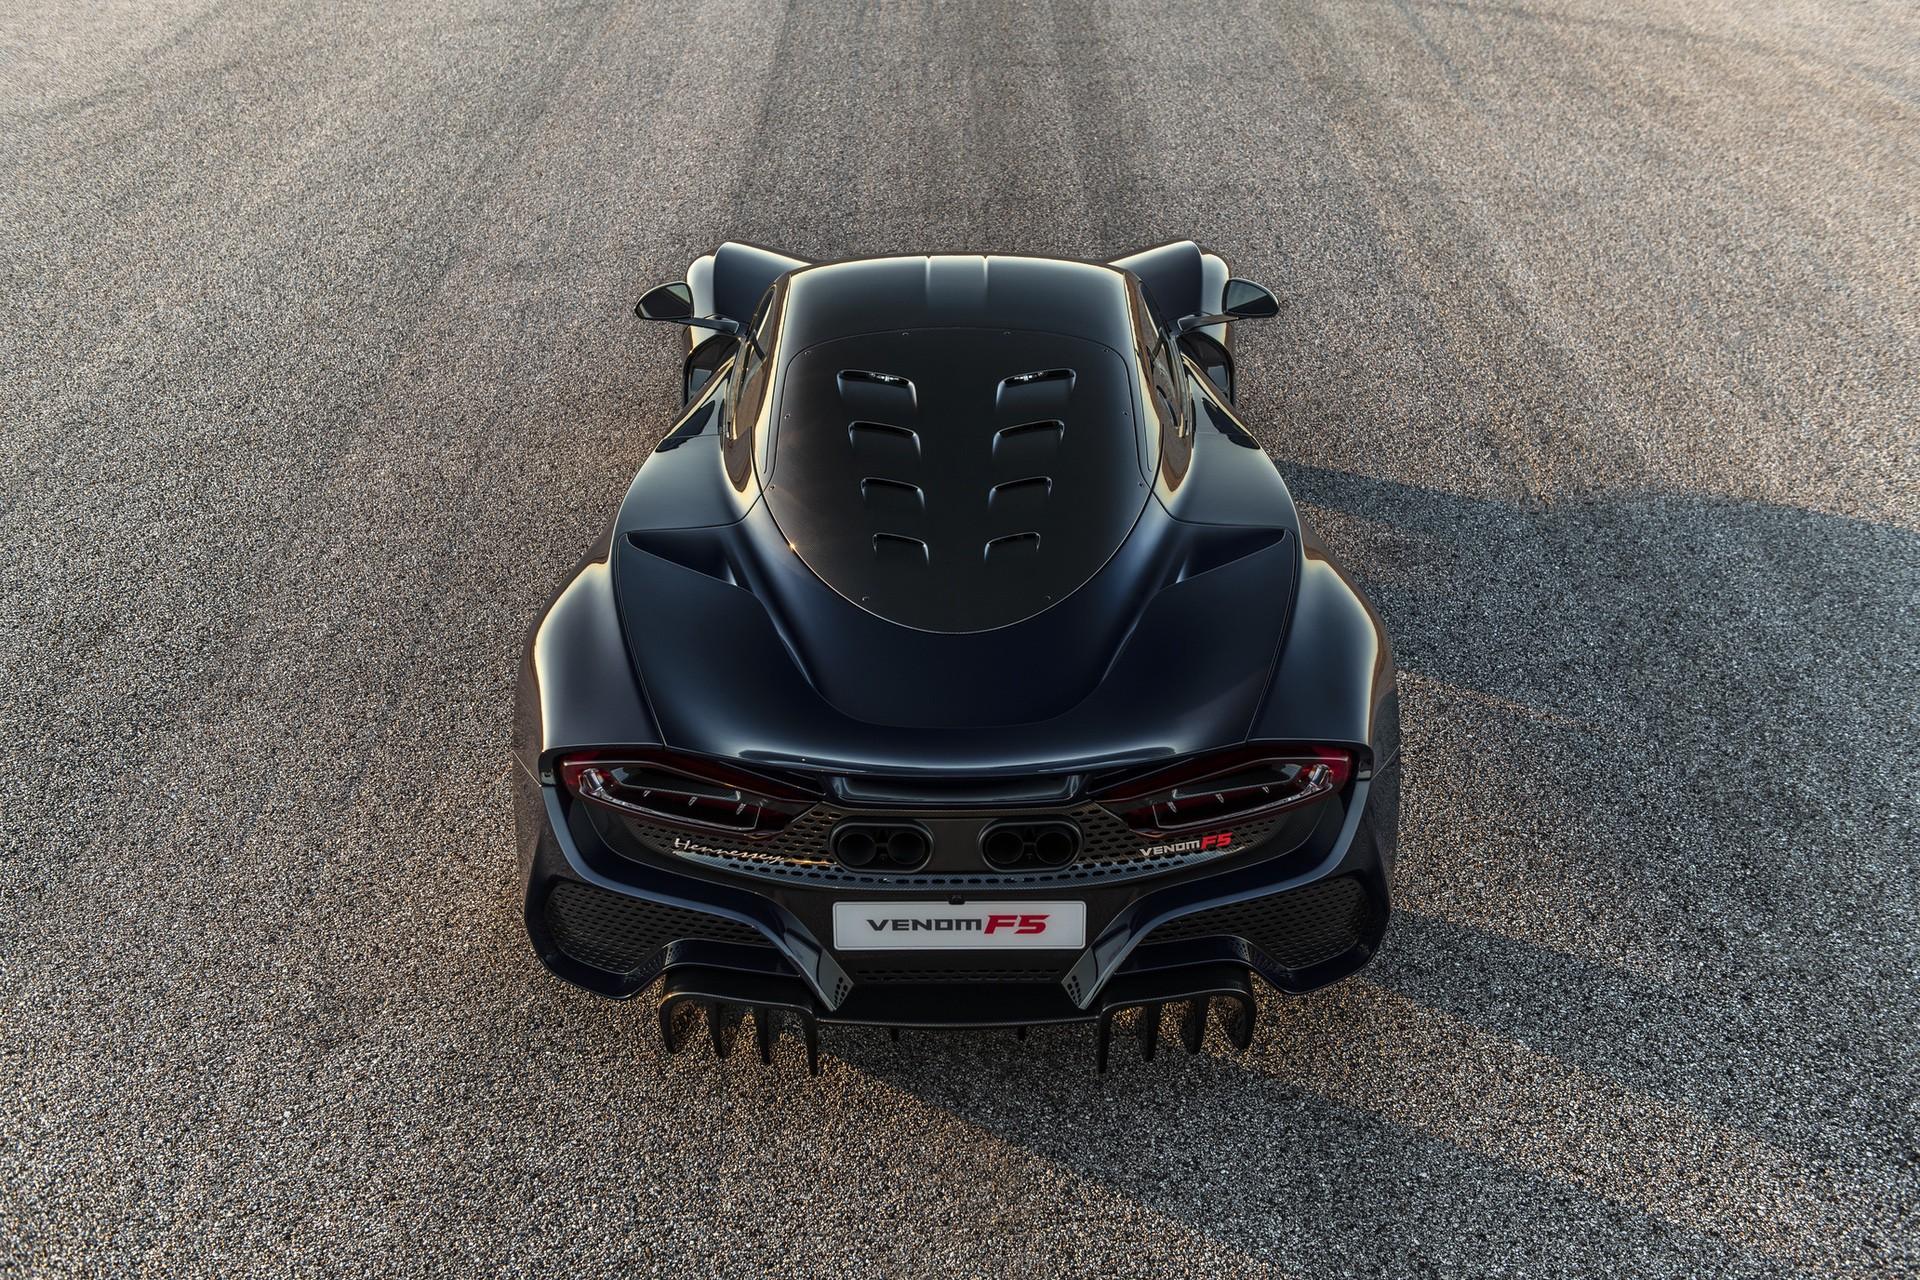 venom-f5-aerodynamic-testing-8